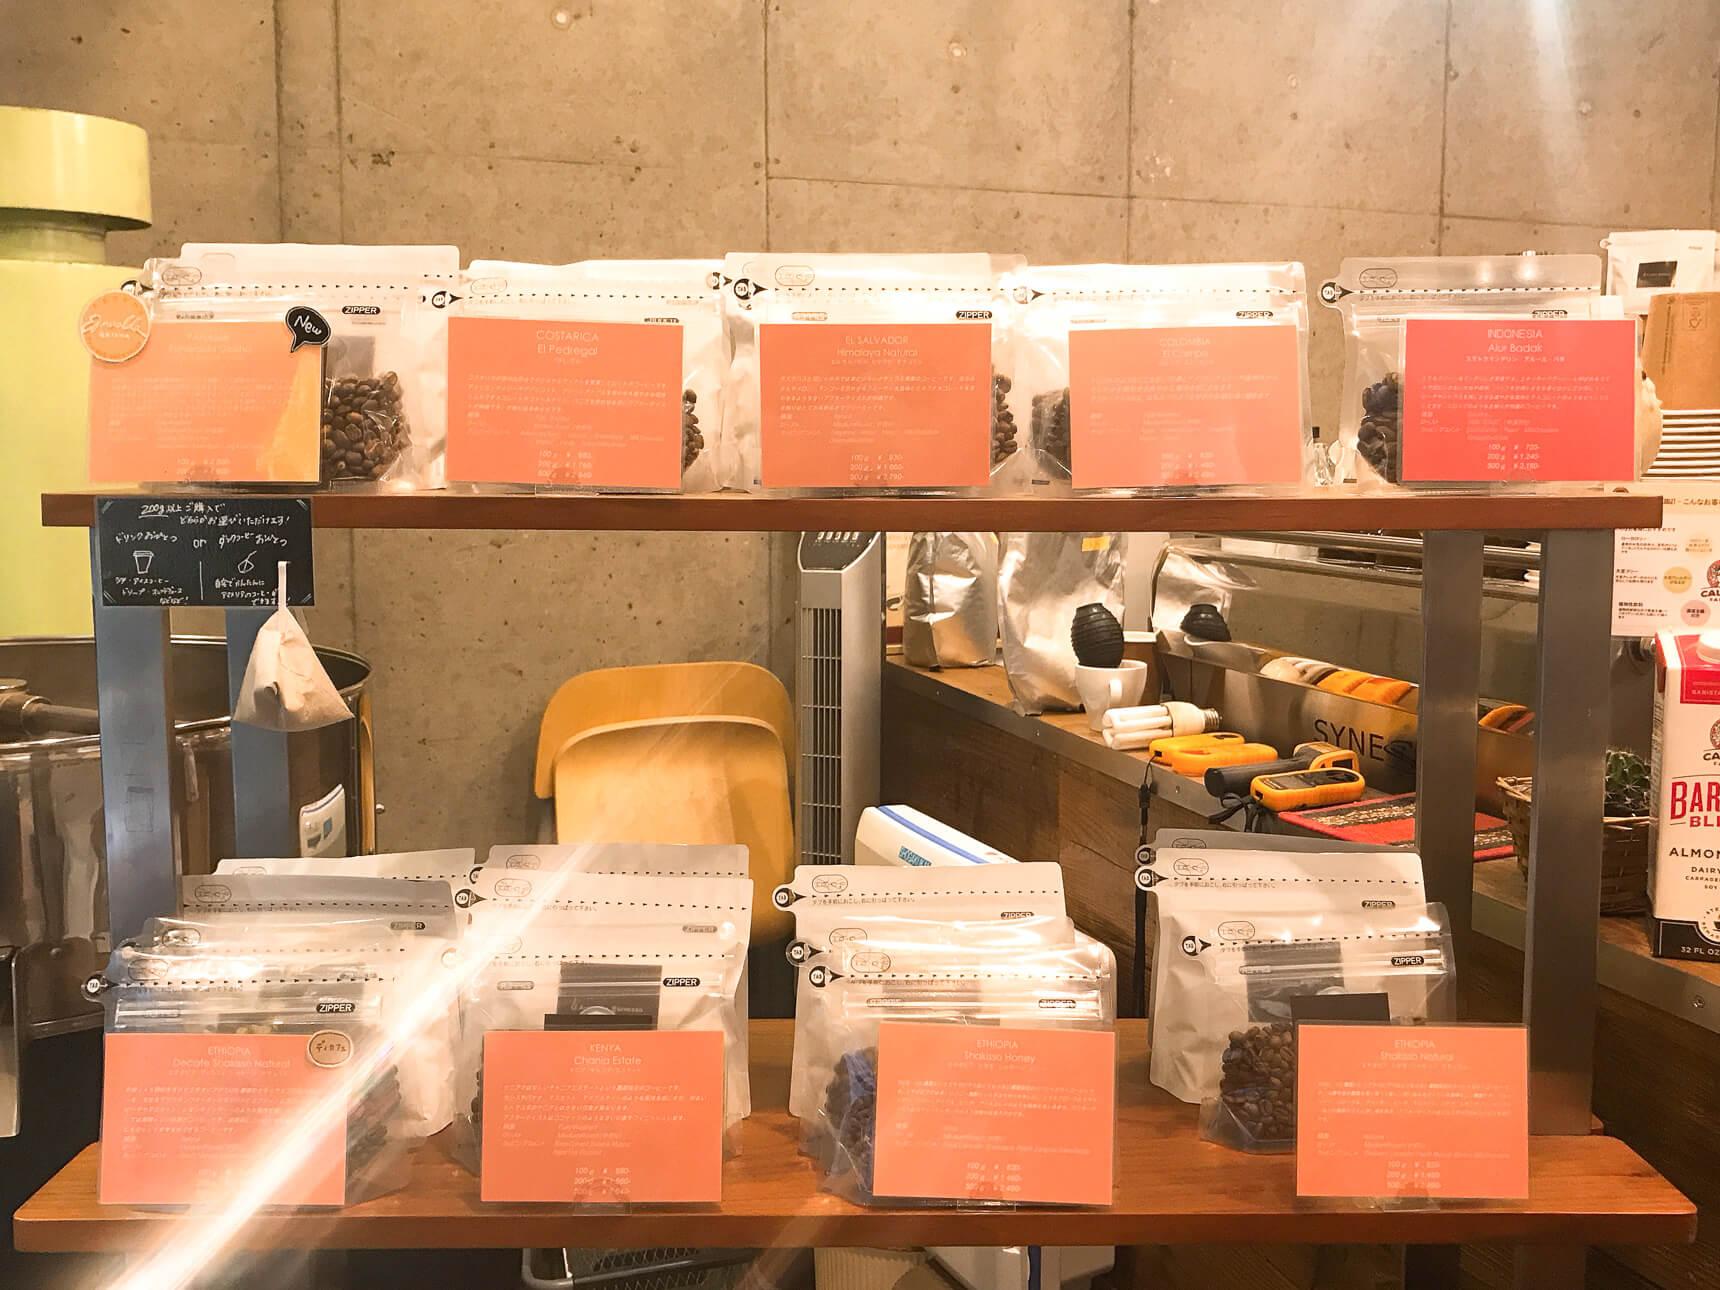 シングルオリジンにこだわり、自家焙煎で提供するコーヒー豆。200g購入すれば、1種類をお試しで飲むこともできます。豆だけでなく、器具の販売もされています。